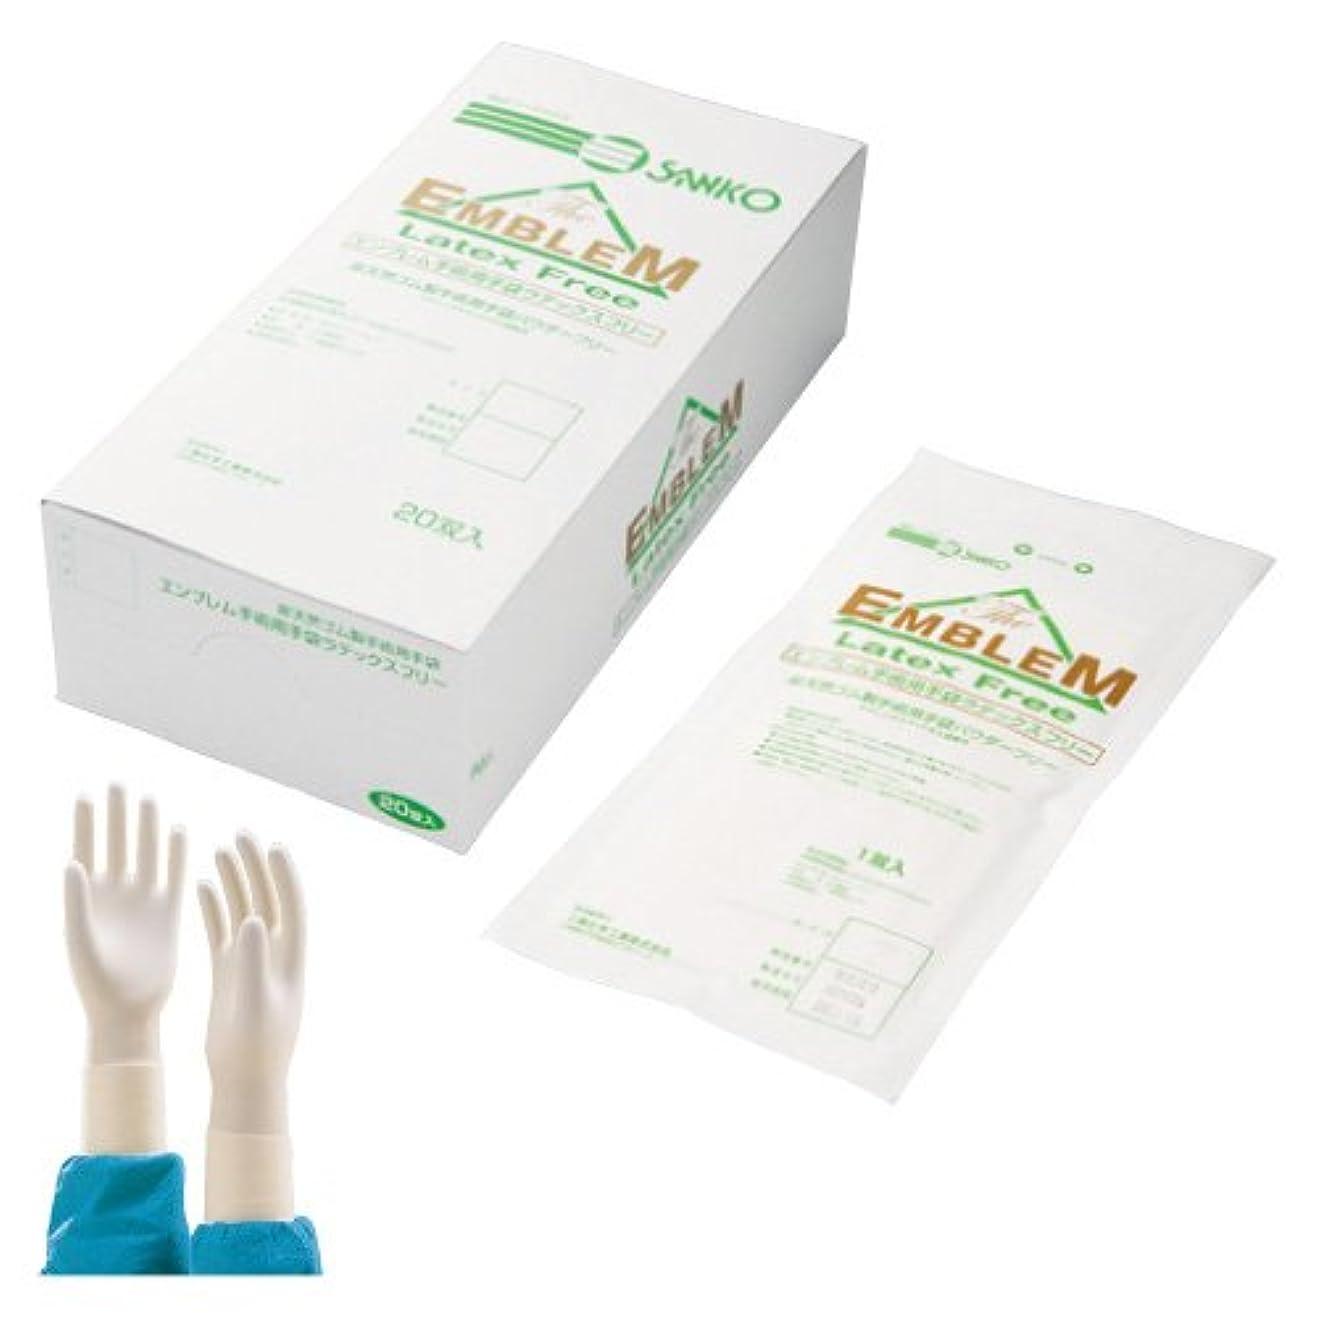 ギャラントリー重要な役割を果たす、中心的な手段となる宣教師エンブレム手術用手袋 6.5 <1箱(20双入)>